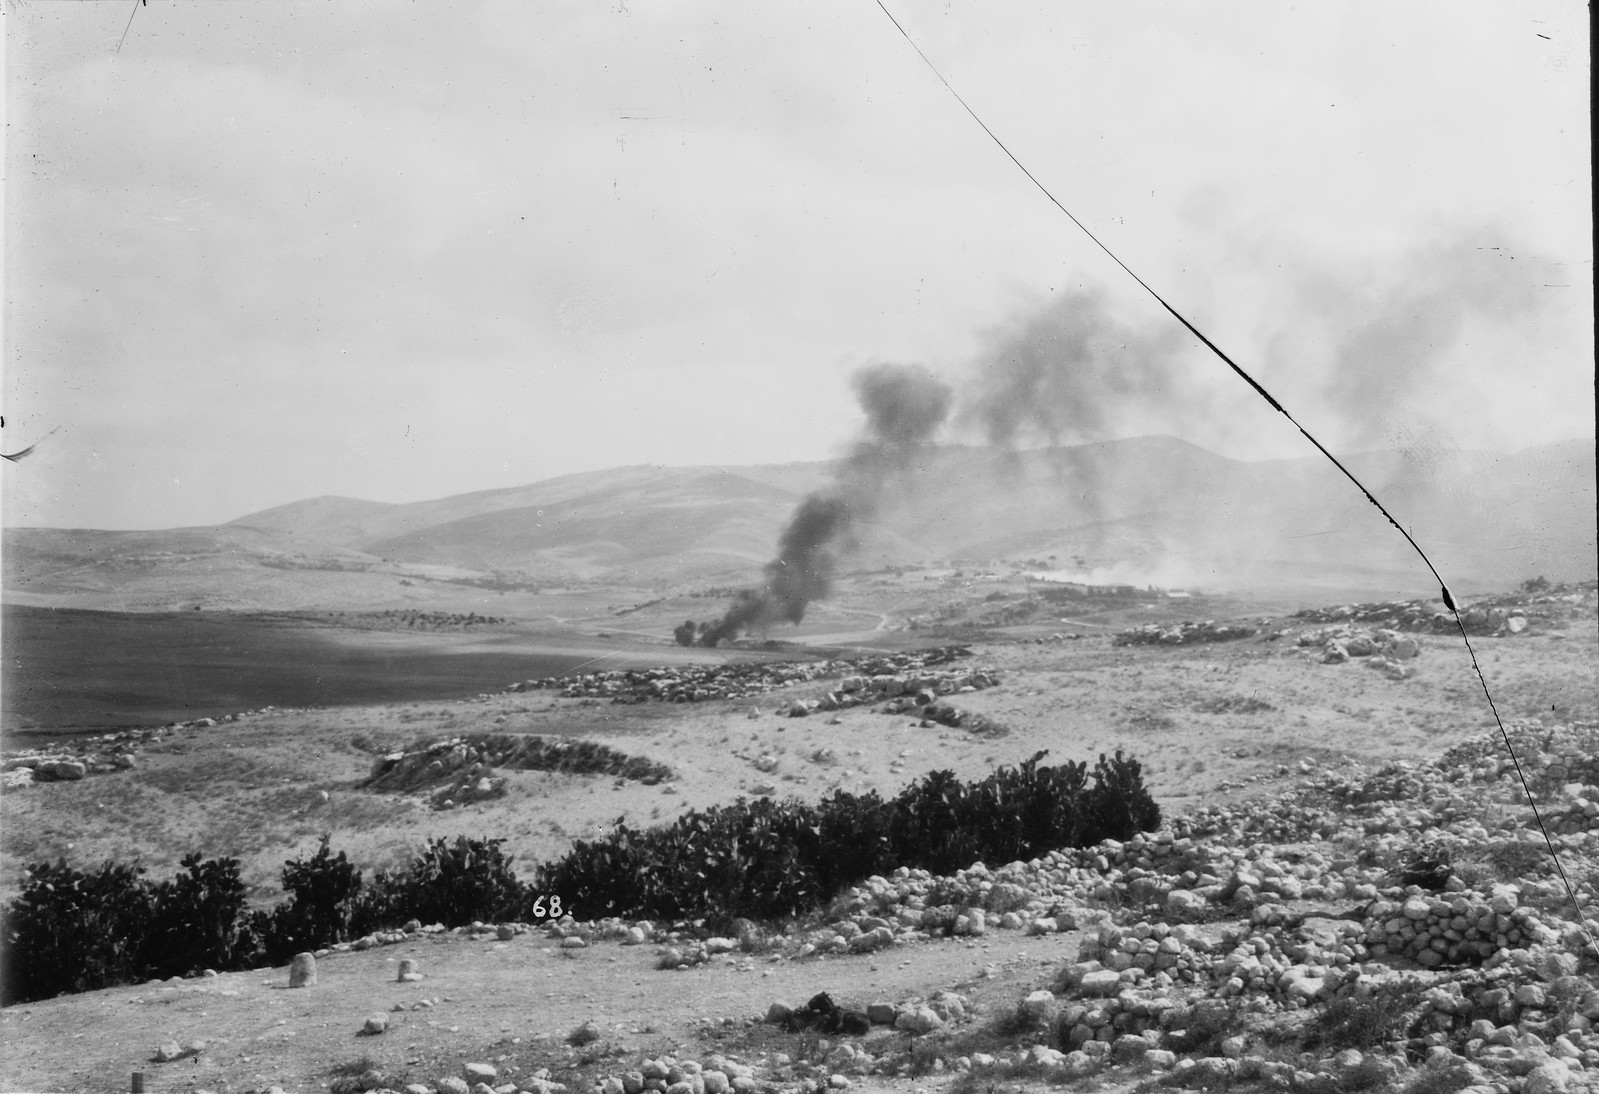 10. 23 по 31 августа. Хартув горит. Еврейское поселение, подожженное арабами